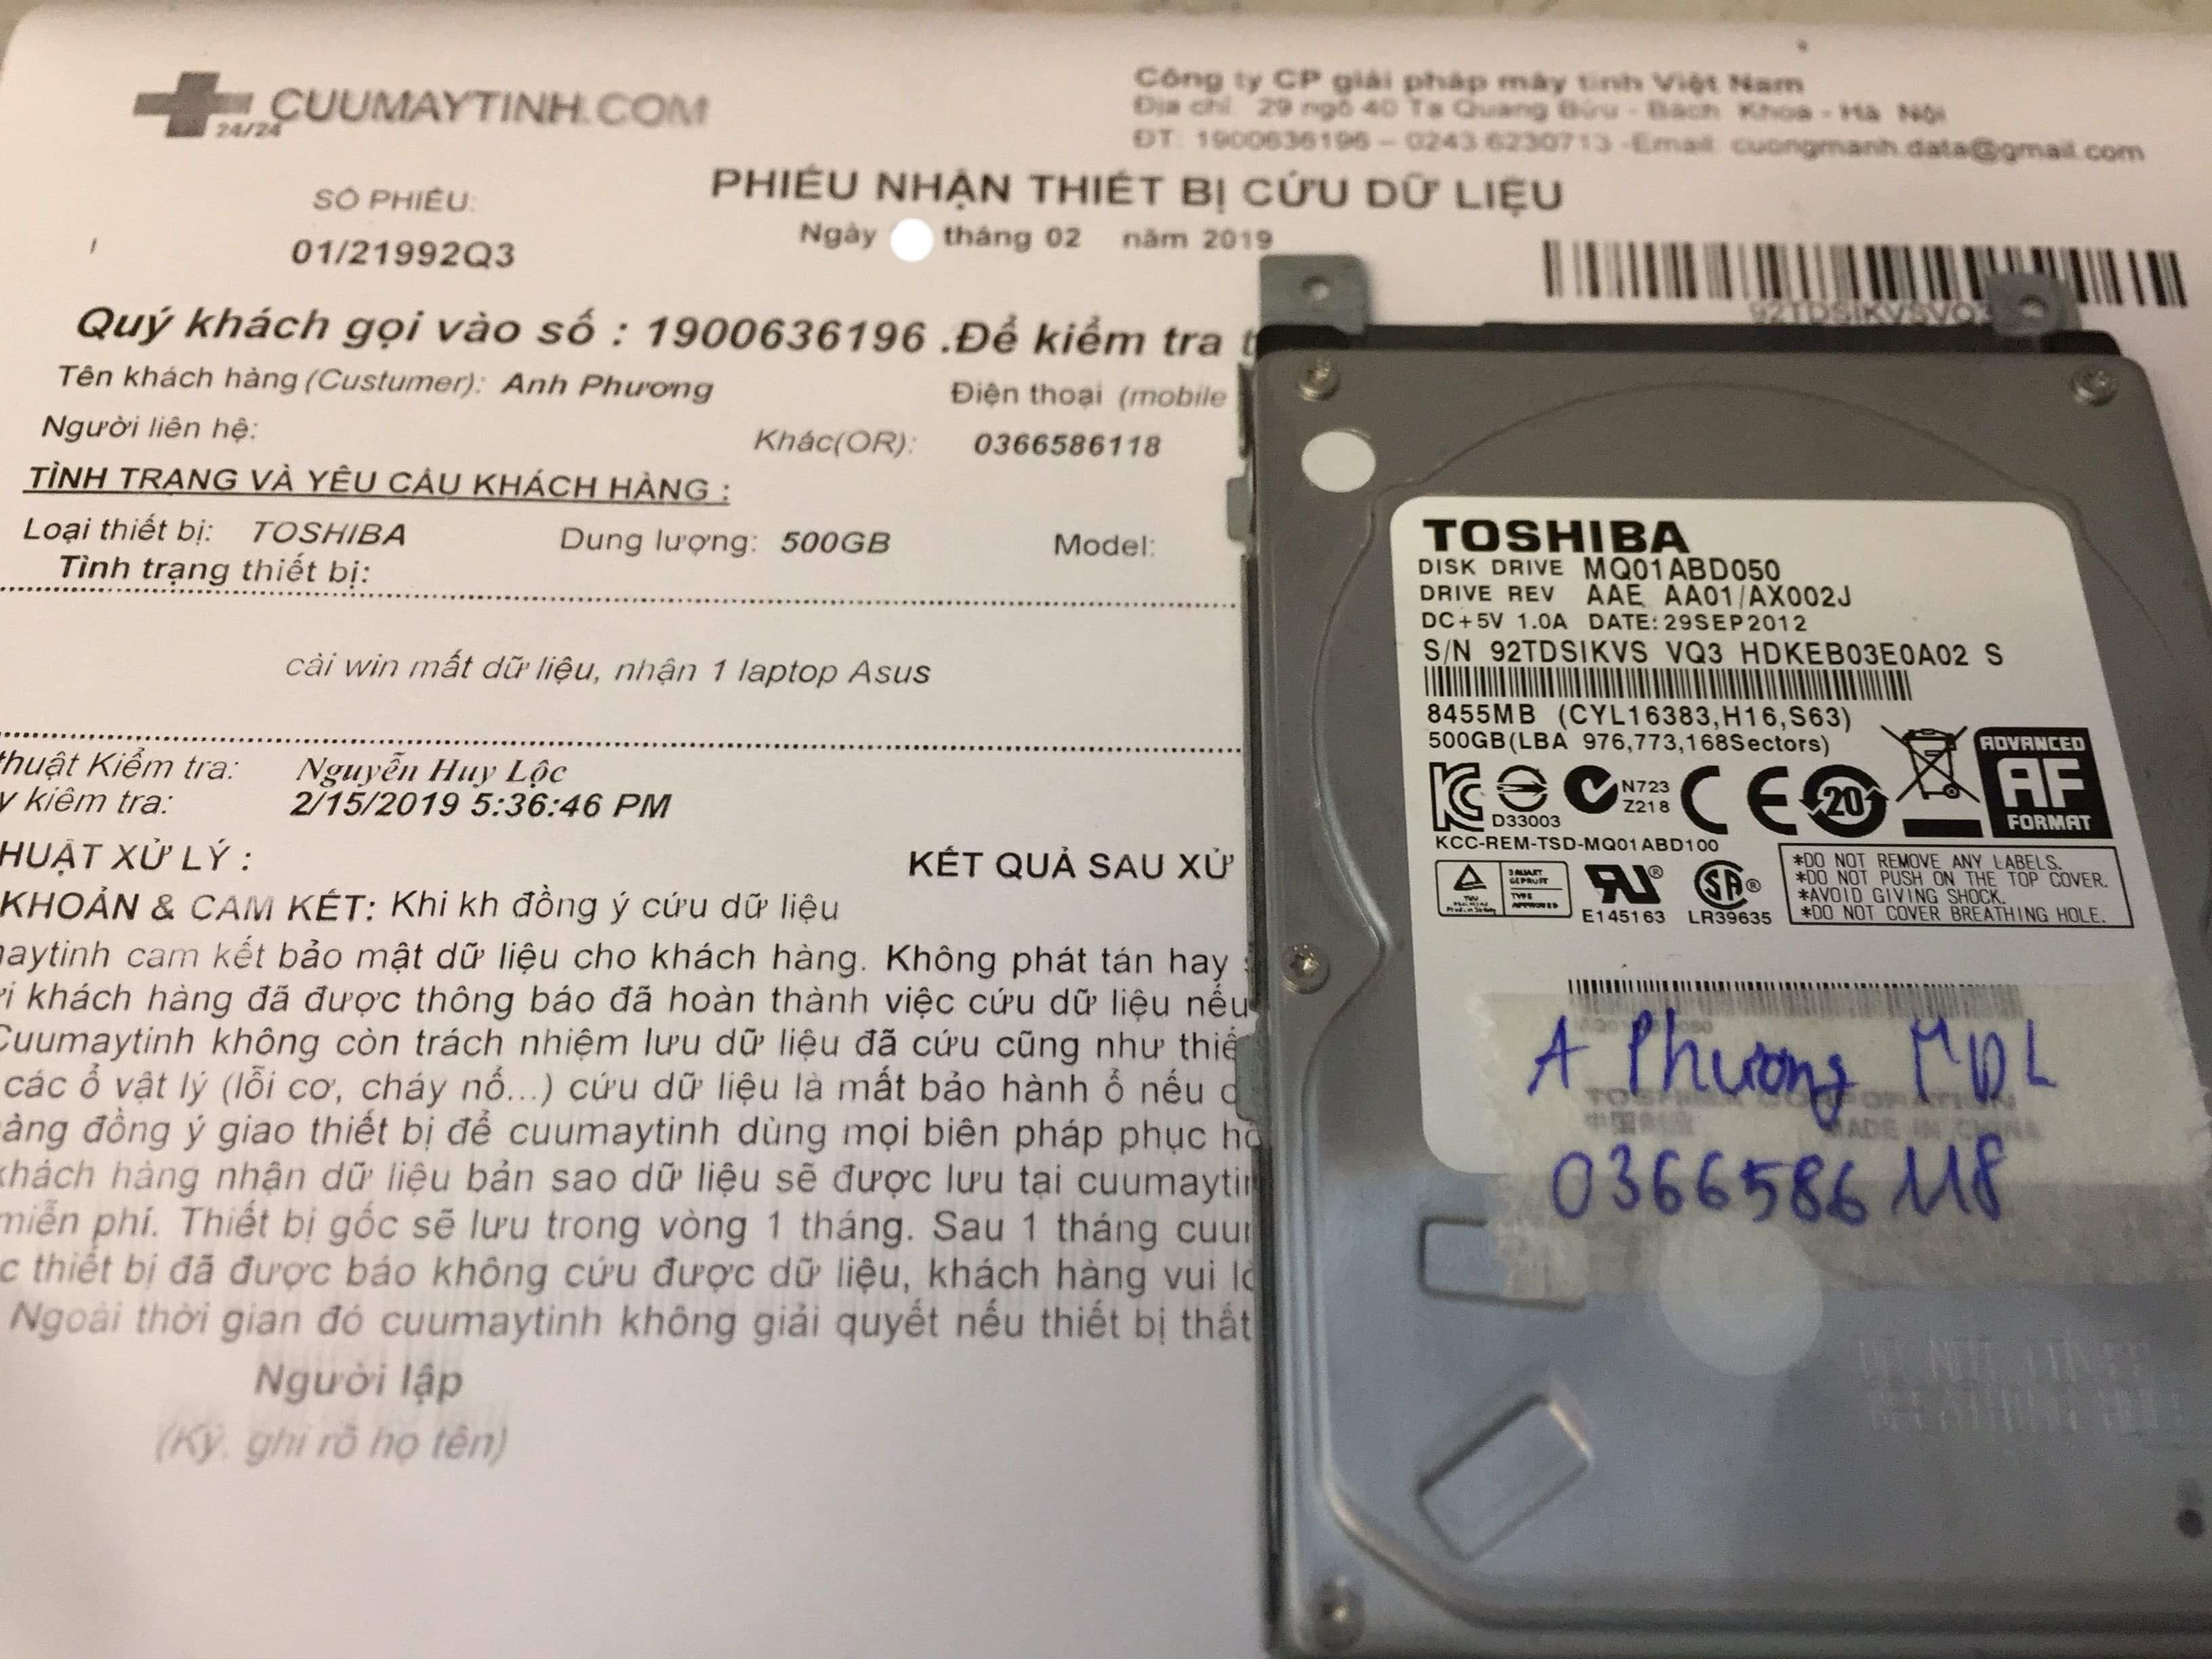 Lấy dữ liệu ổ cứng Toshiba 500GB cài win mất dữ liệu - 18/02/2019